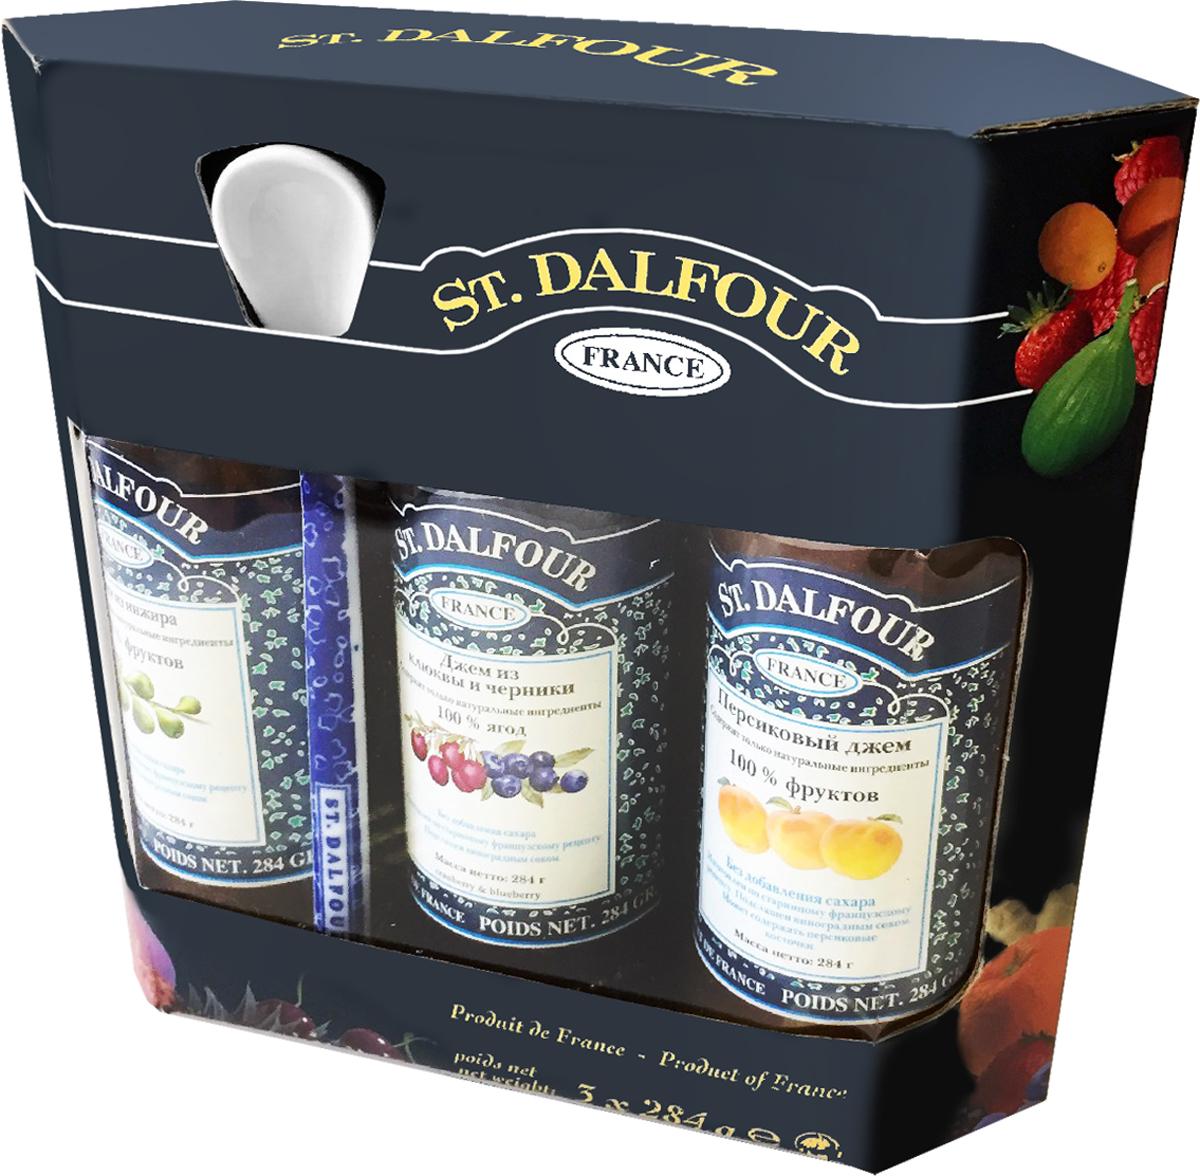 St. Dalfour подарочный набор 3 джема инжир, персик, клюква и черника, 852 г207060Полностью натуральный продукт. Не содержит красителей и консервантов.